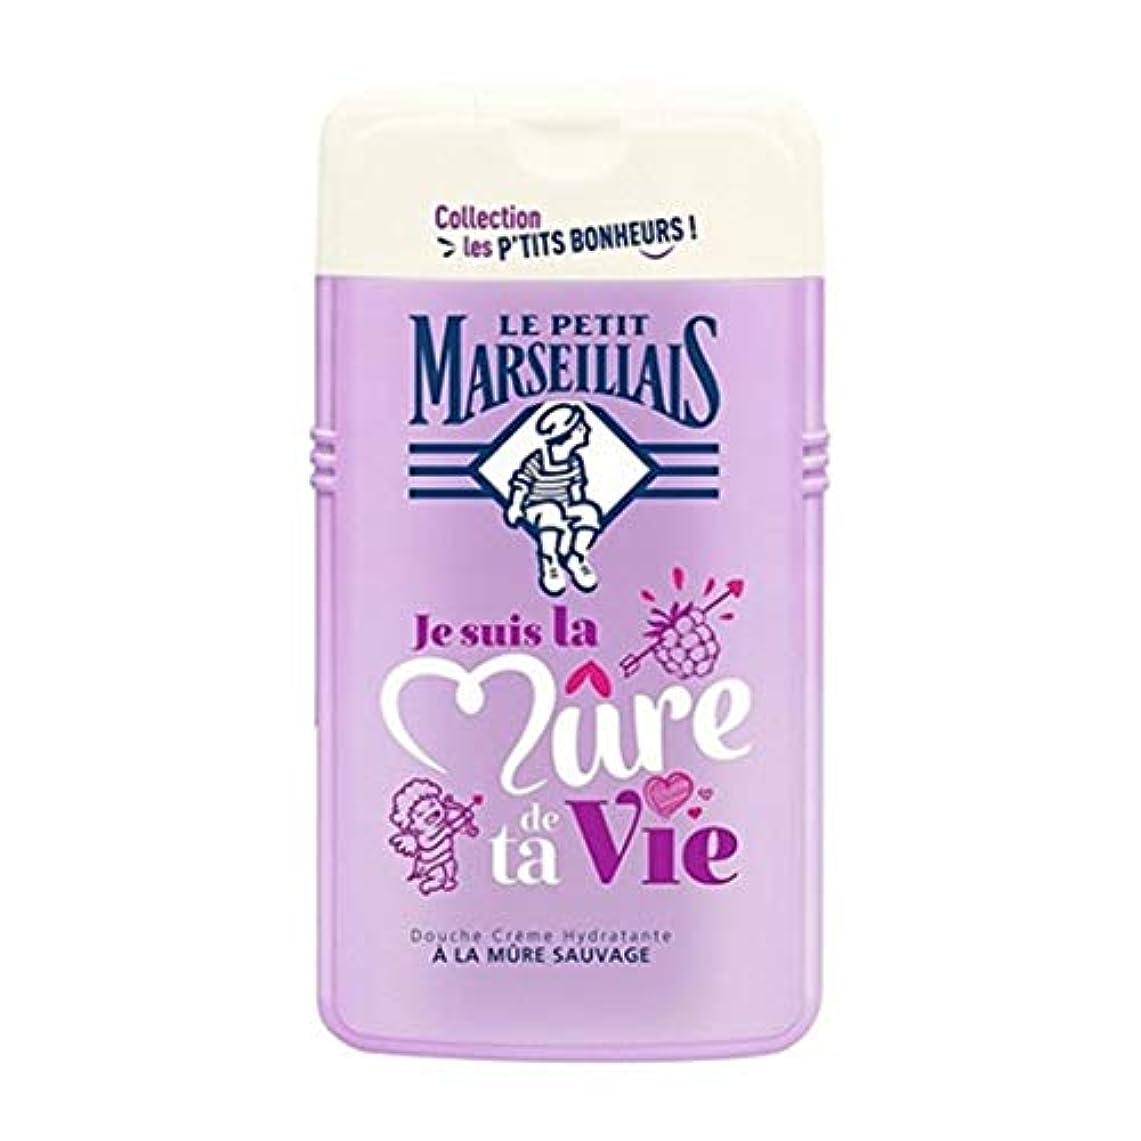 人気のアラブ人コミュニケーション「ブラックベリー」シャワークリーム ???? フランスの「ル?プティ?マルセイユ (Le Petit Marseillais)」 les P'TITS BONHEURS 250ml ボディウォッシュ